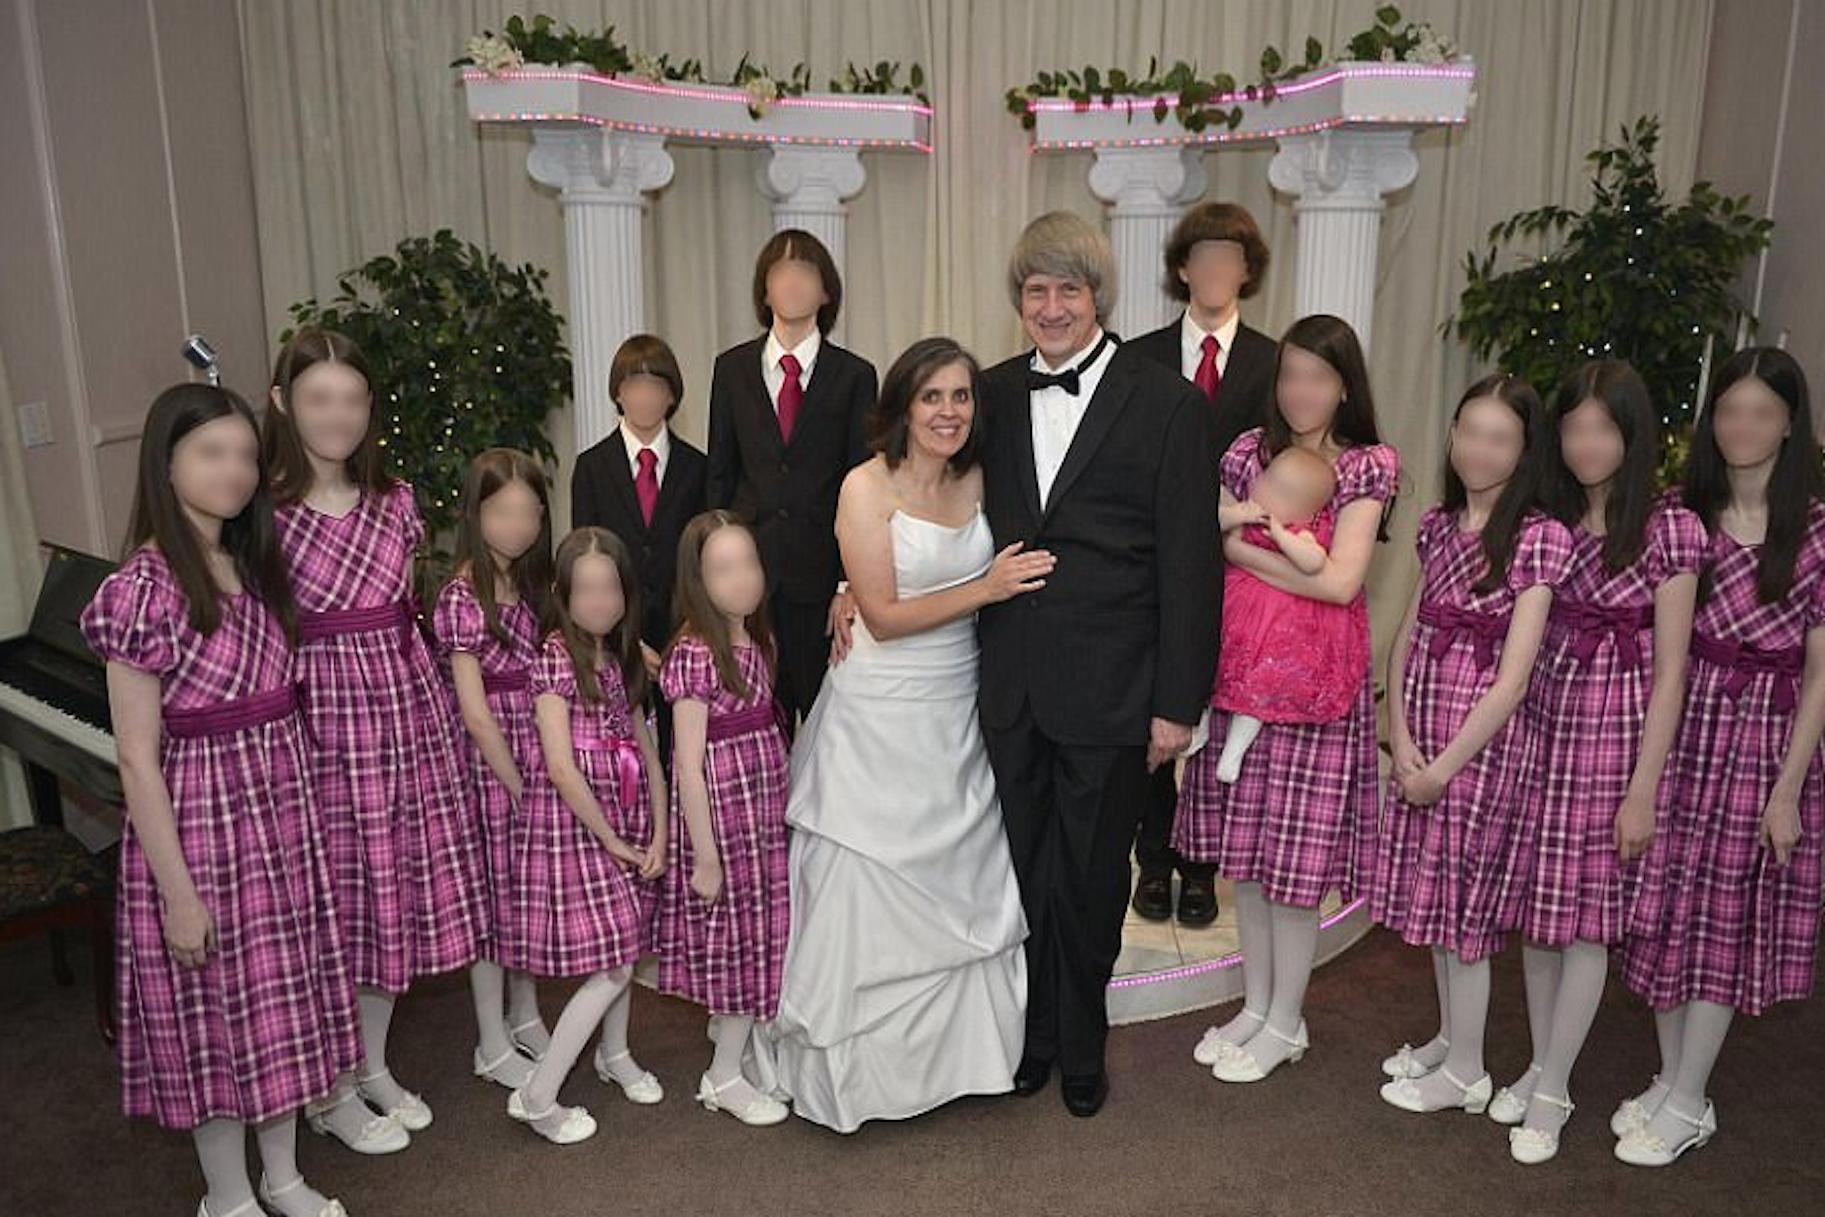 'Turpin 13: Otkrivene obiteljske tajne', čiji je domaćin Soledad O'Brien, premijera je 28. travnja na kisiku